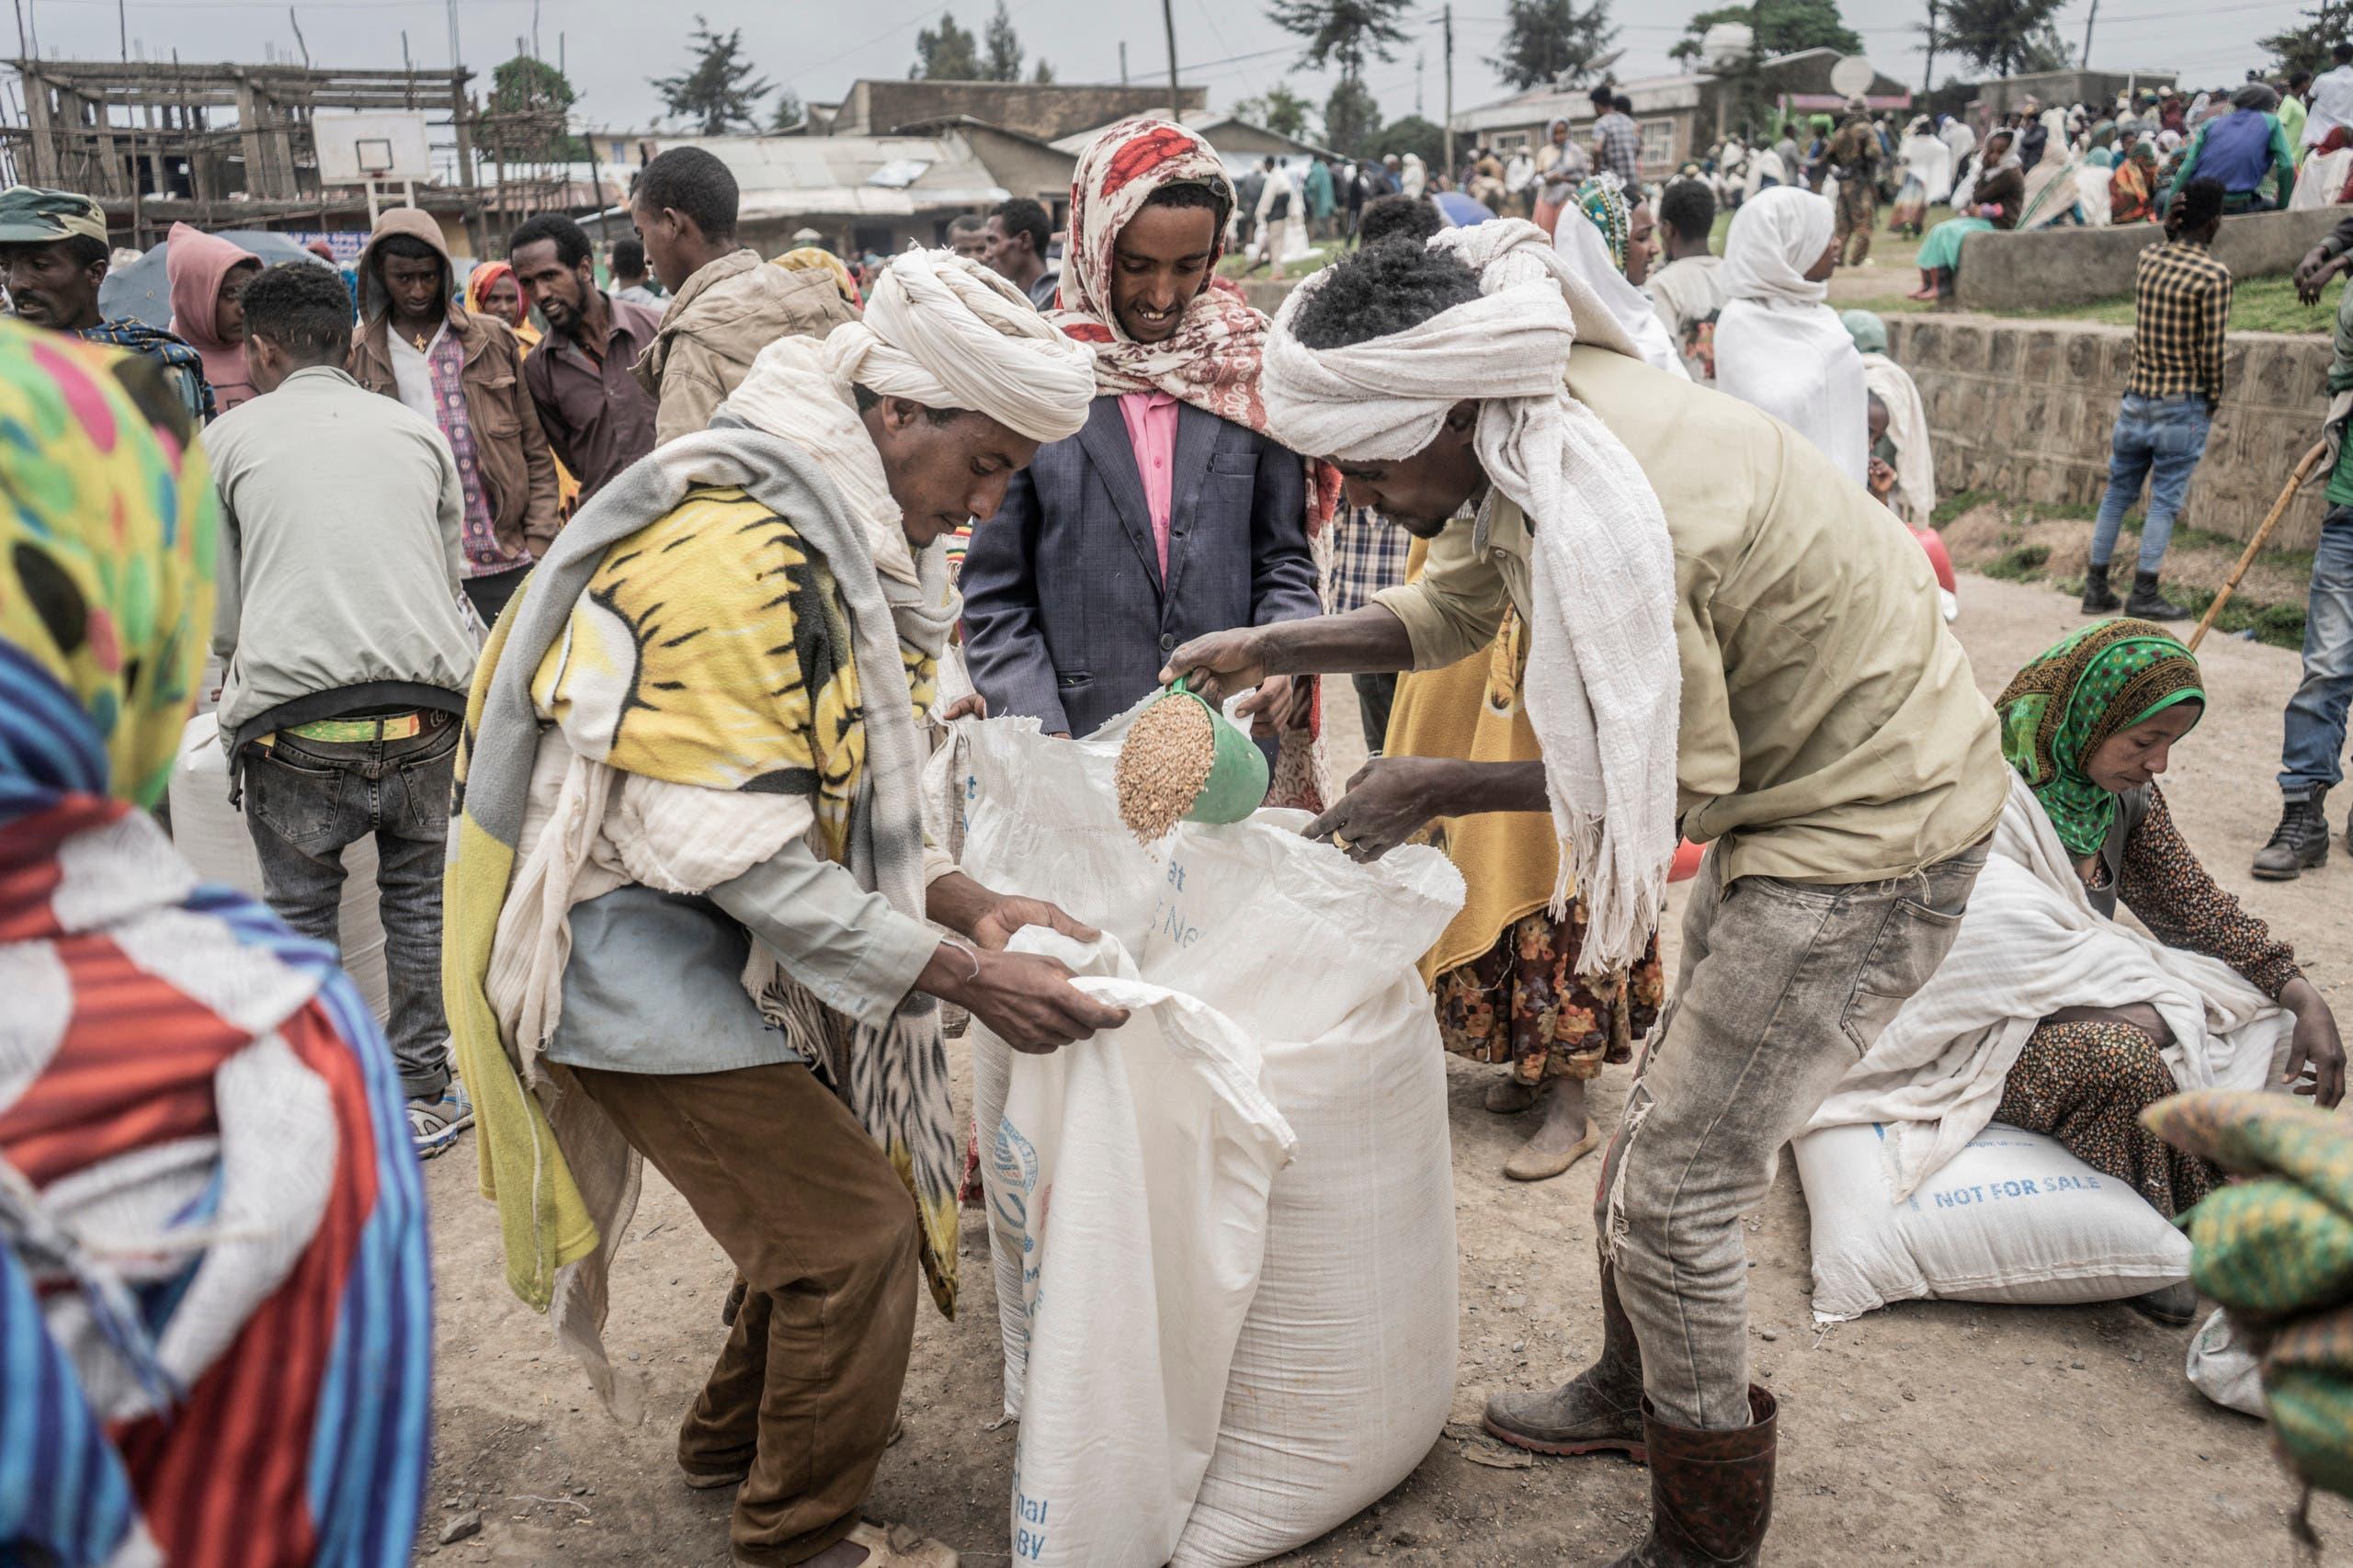 توزيع مساعدات غذائية على النازحين بسبب القتال في اثيوبيا